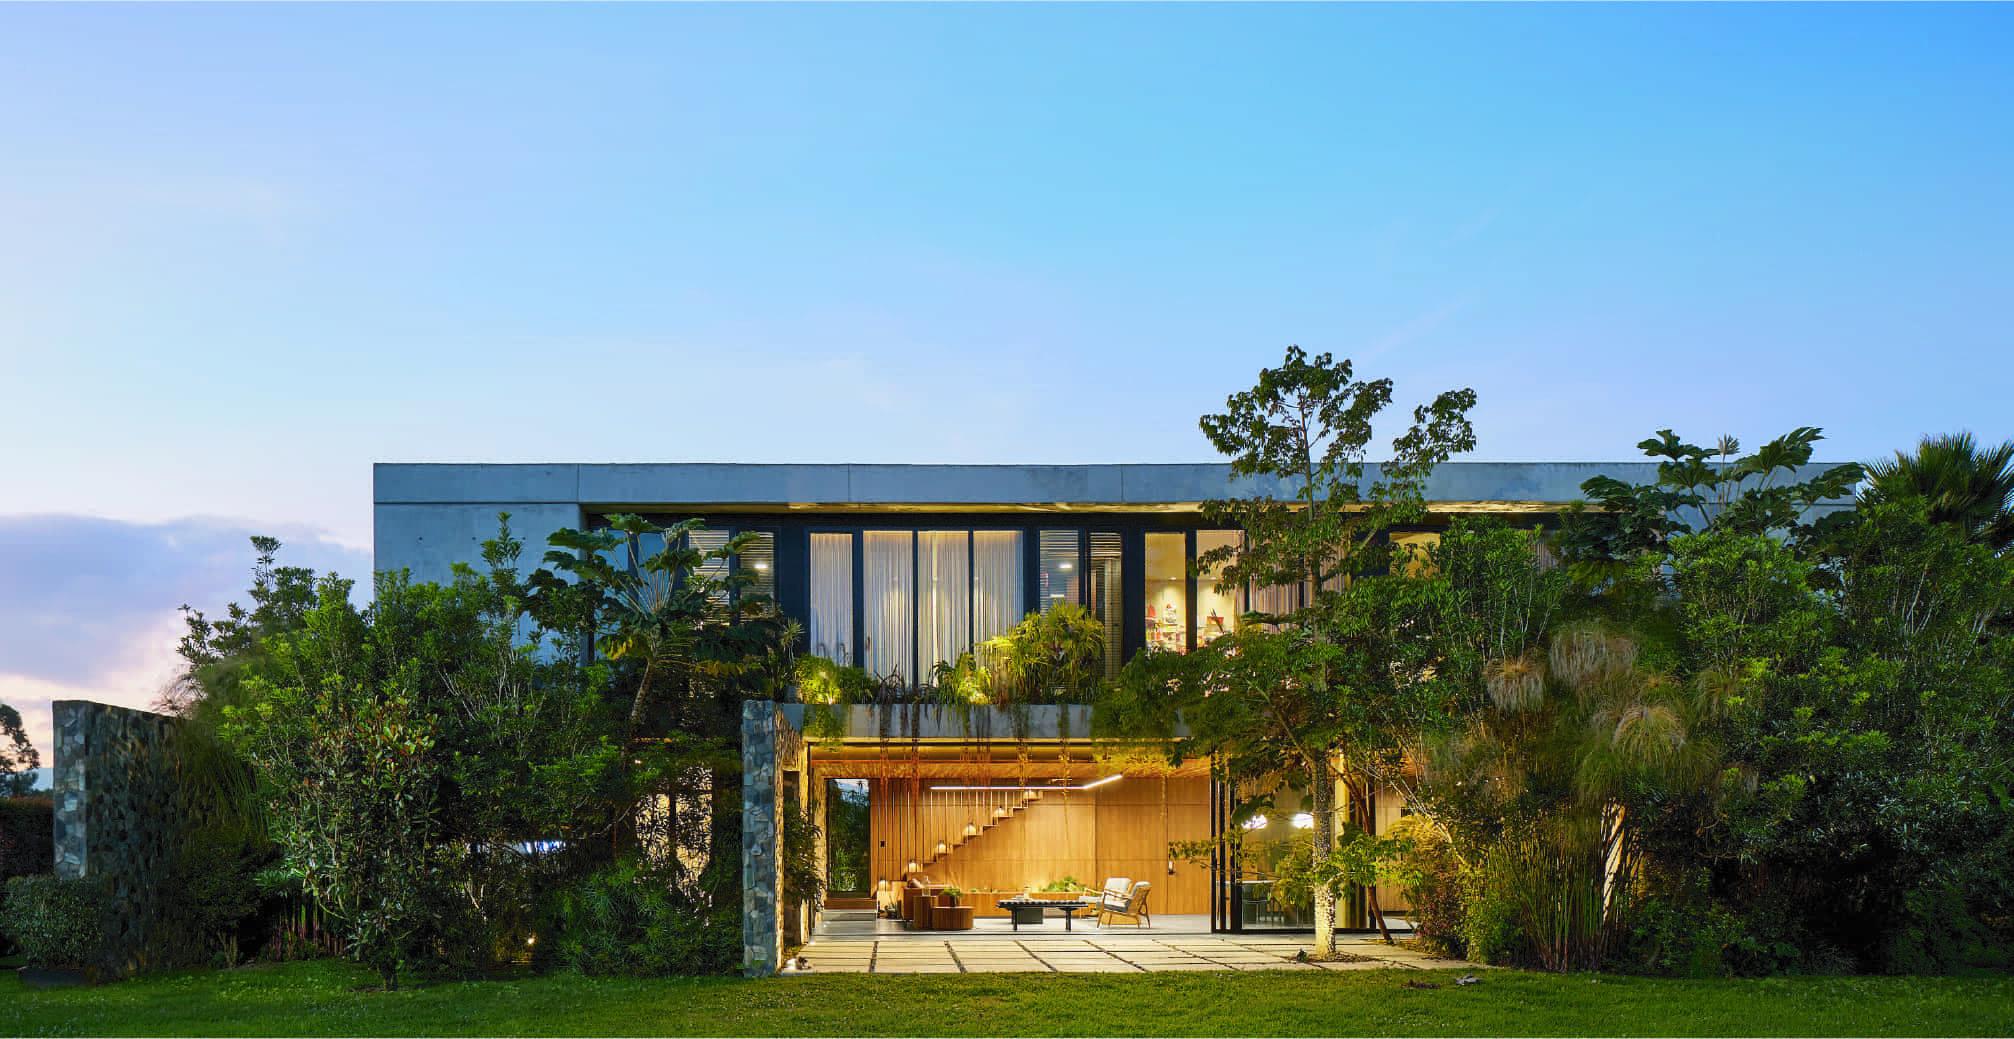 casa-la-reserva-proyectos-bioclimatica-04